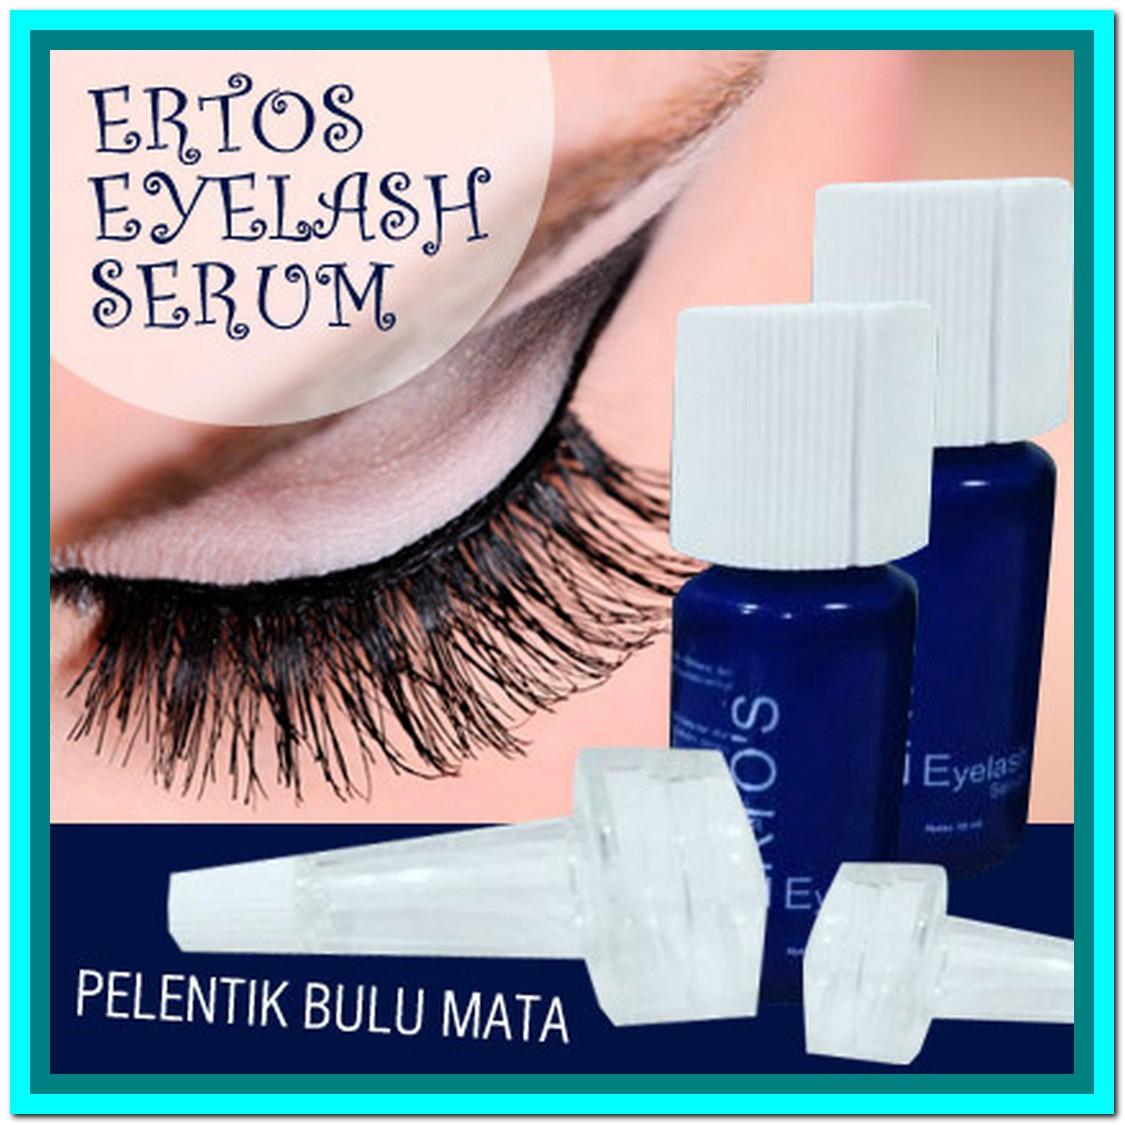 Erto S Eyelash Serum Serum Ertos Original